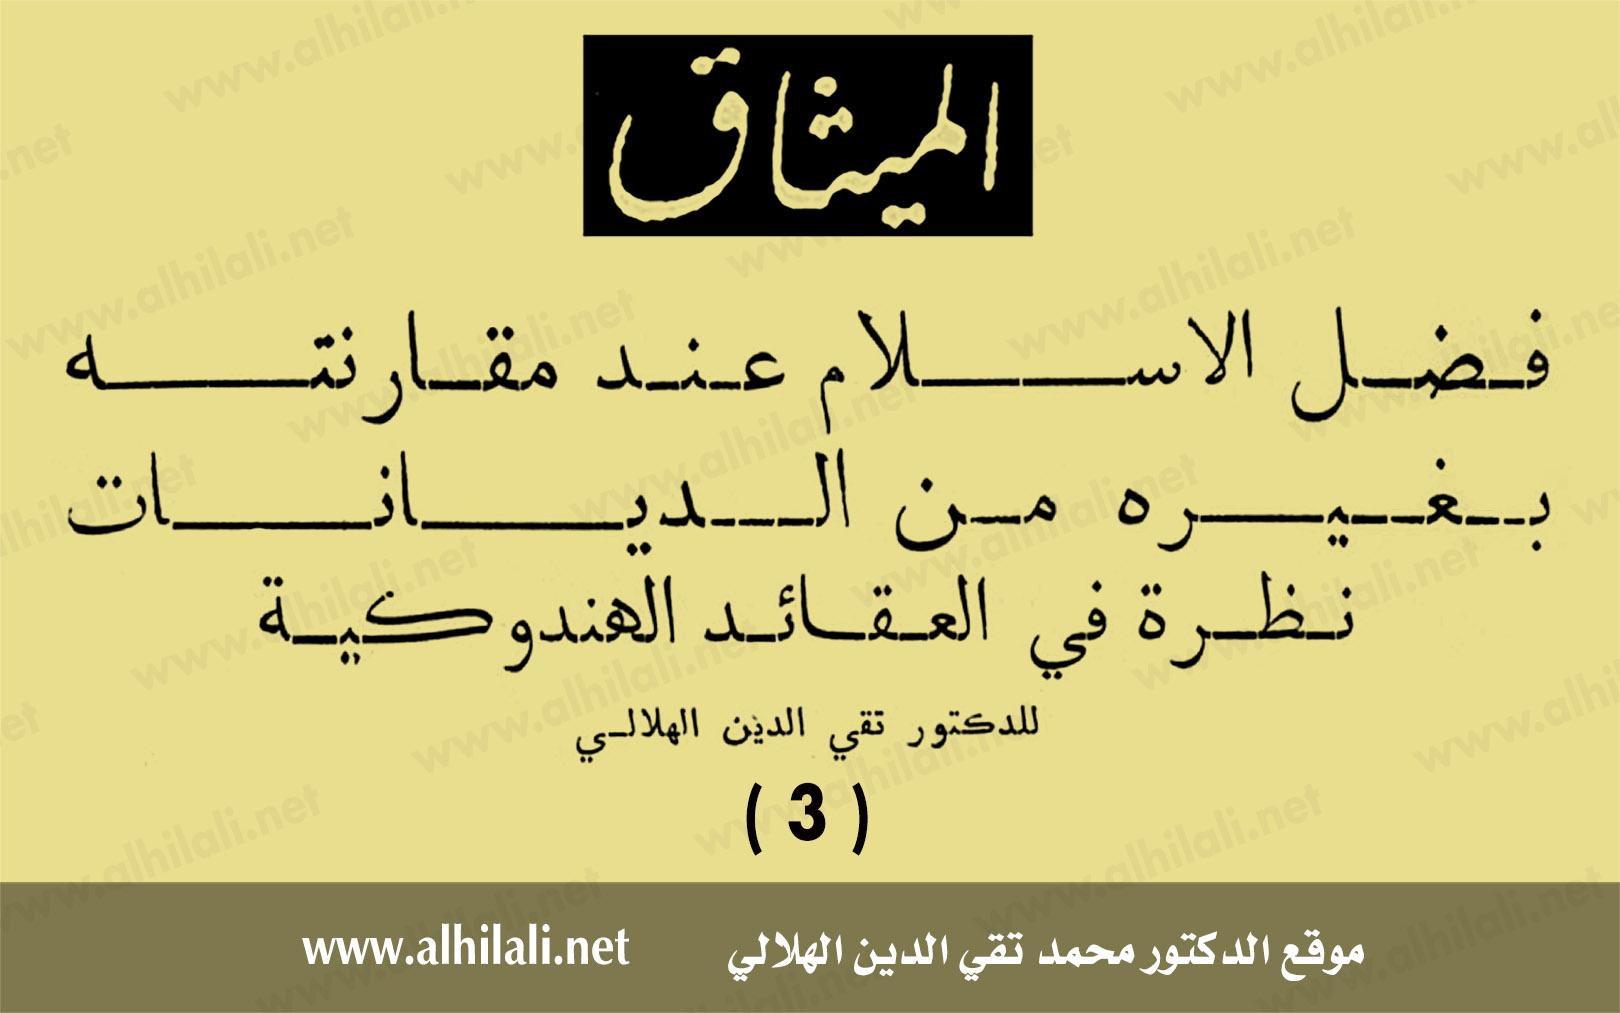 فضل الإسلام عند مقارنته بغيره من الديانات: نظرة في العقائد الهندوكية 3